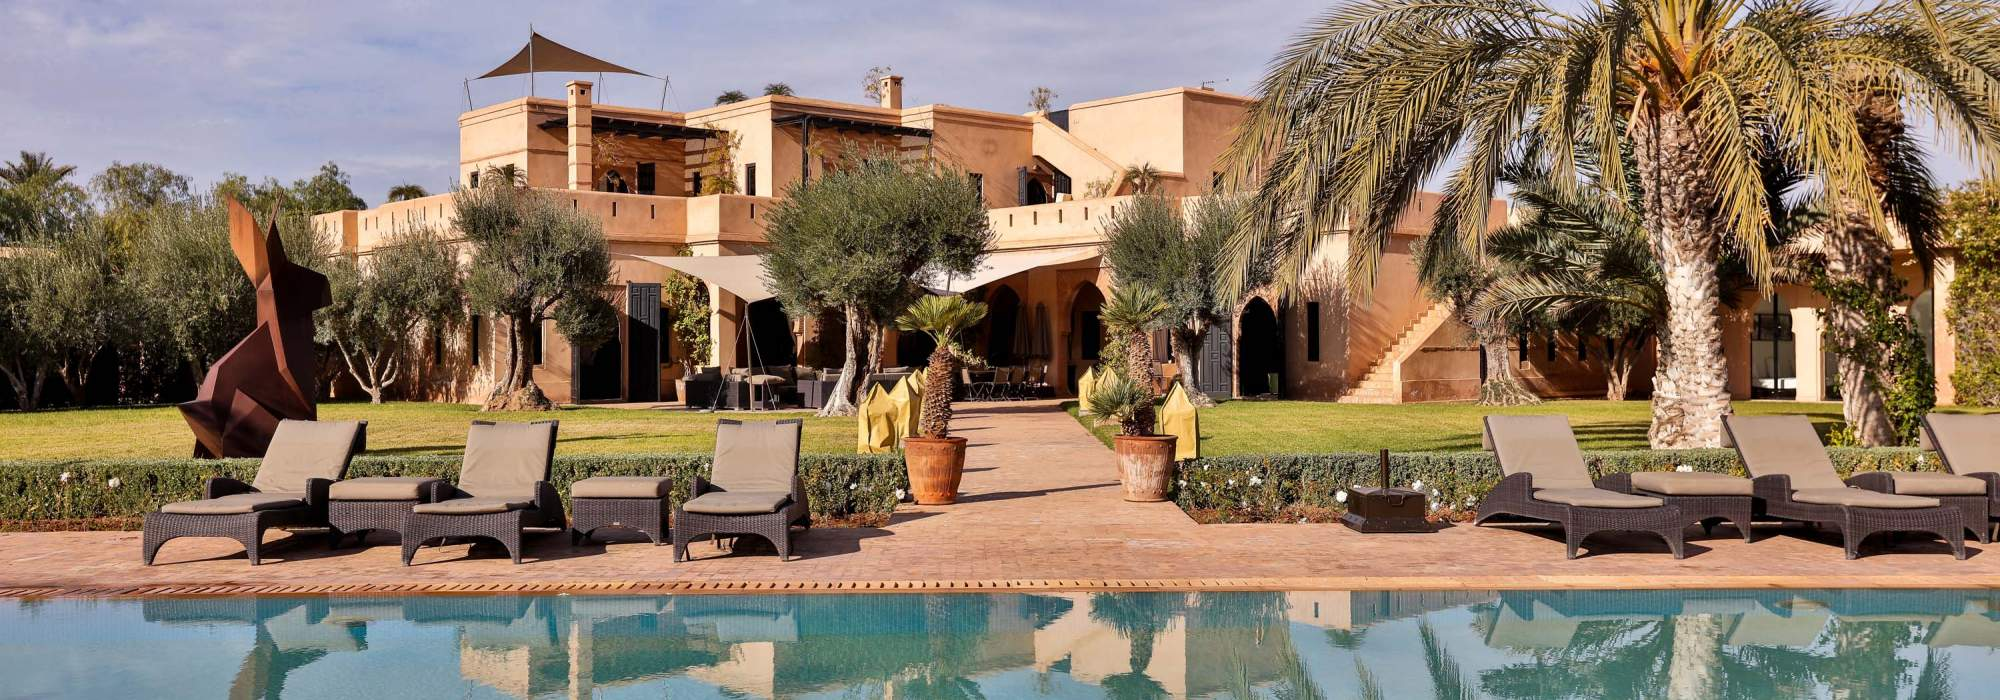 propriété a vendre palmeraie marrakech